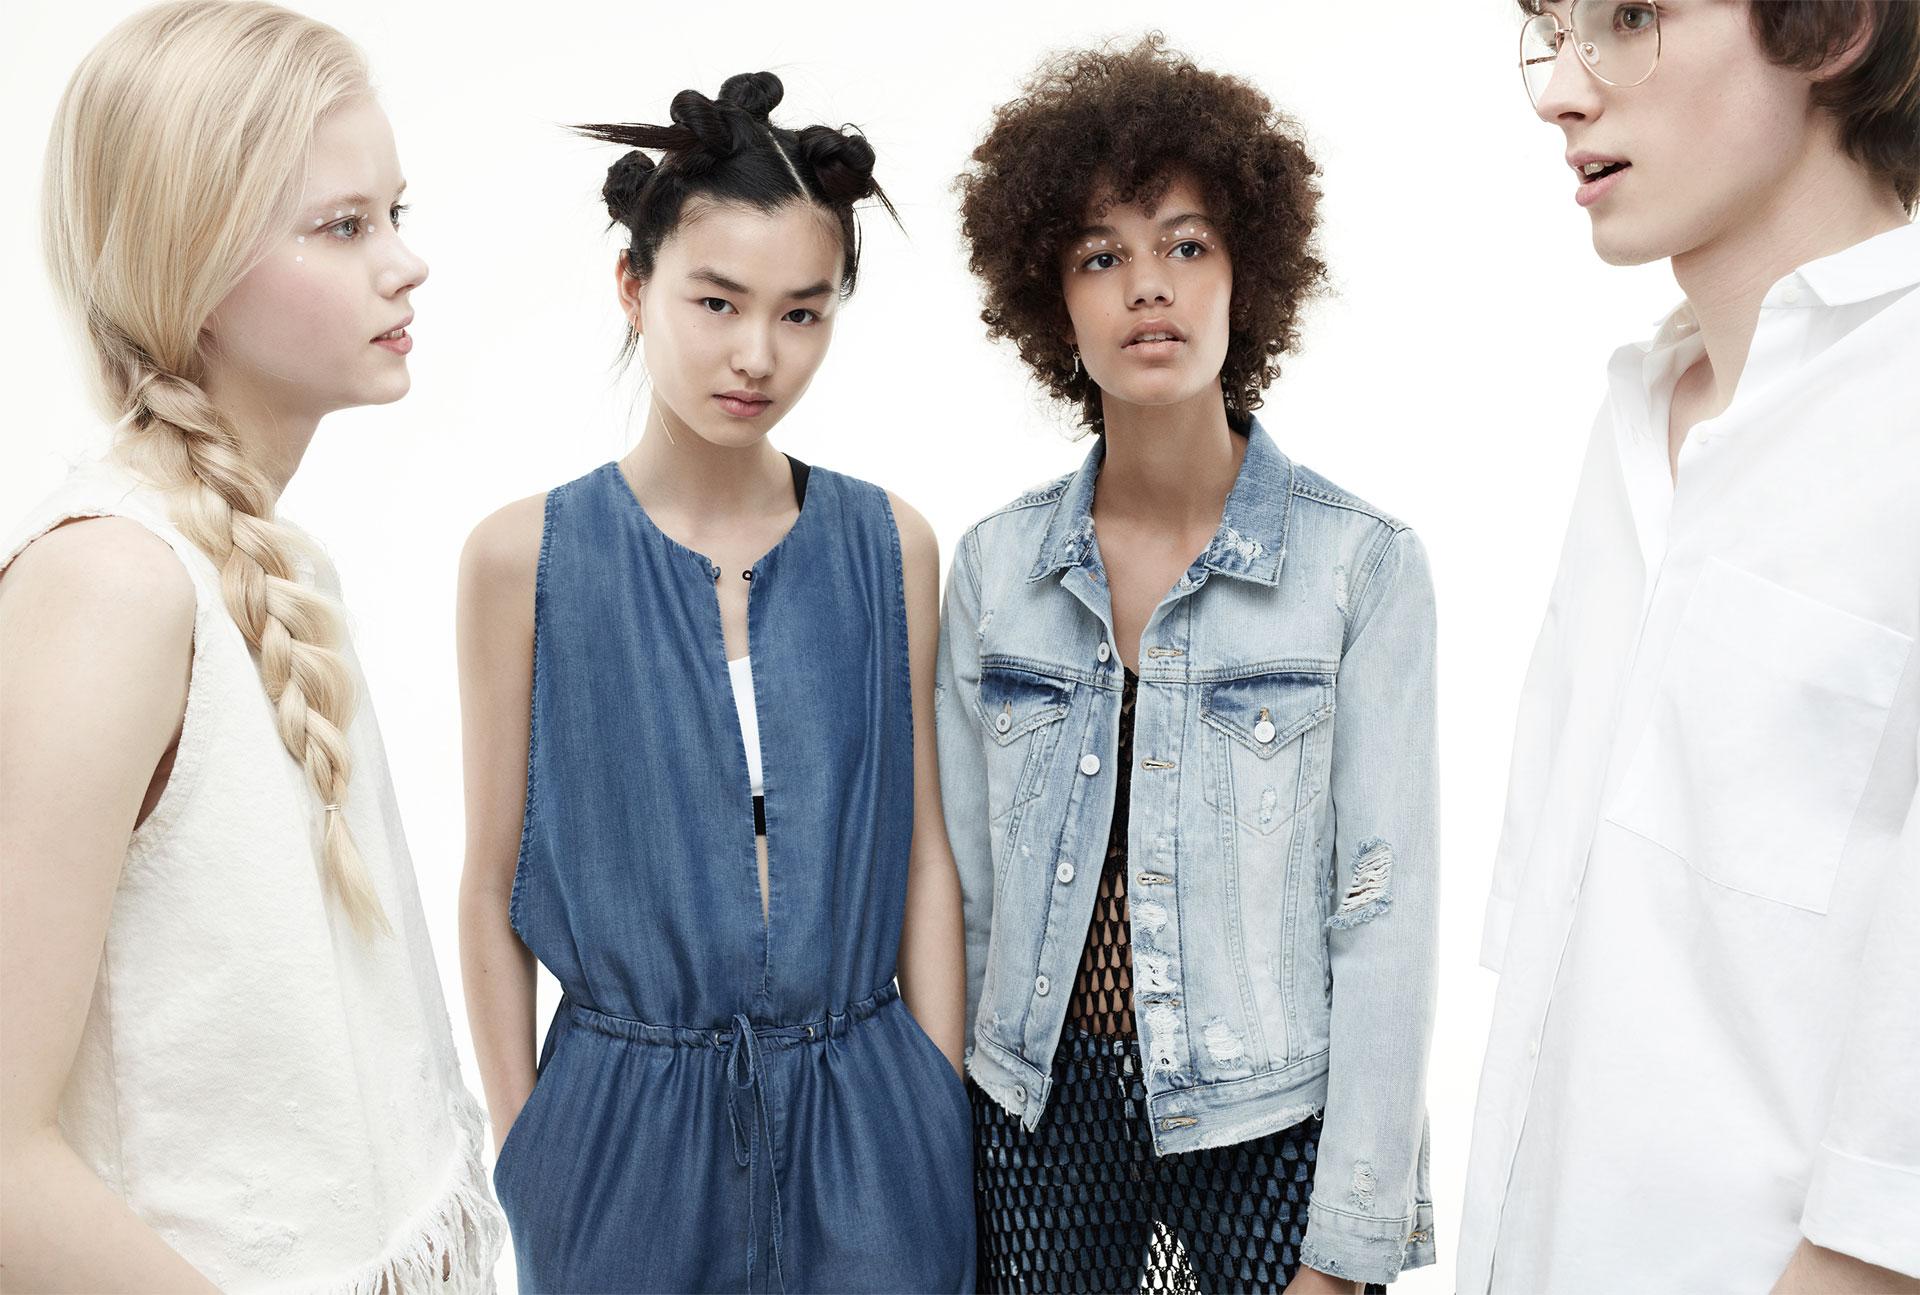 Zara, thương hiệu thời trang bình dân số 1 & 10 bí mật hay ho cần phải biết - Ảnh 5.